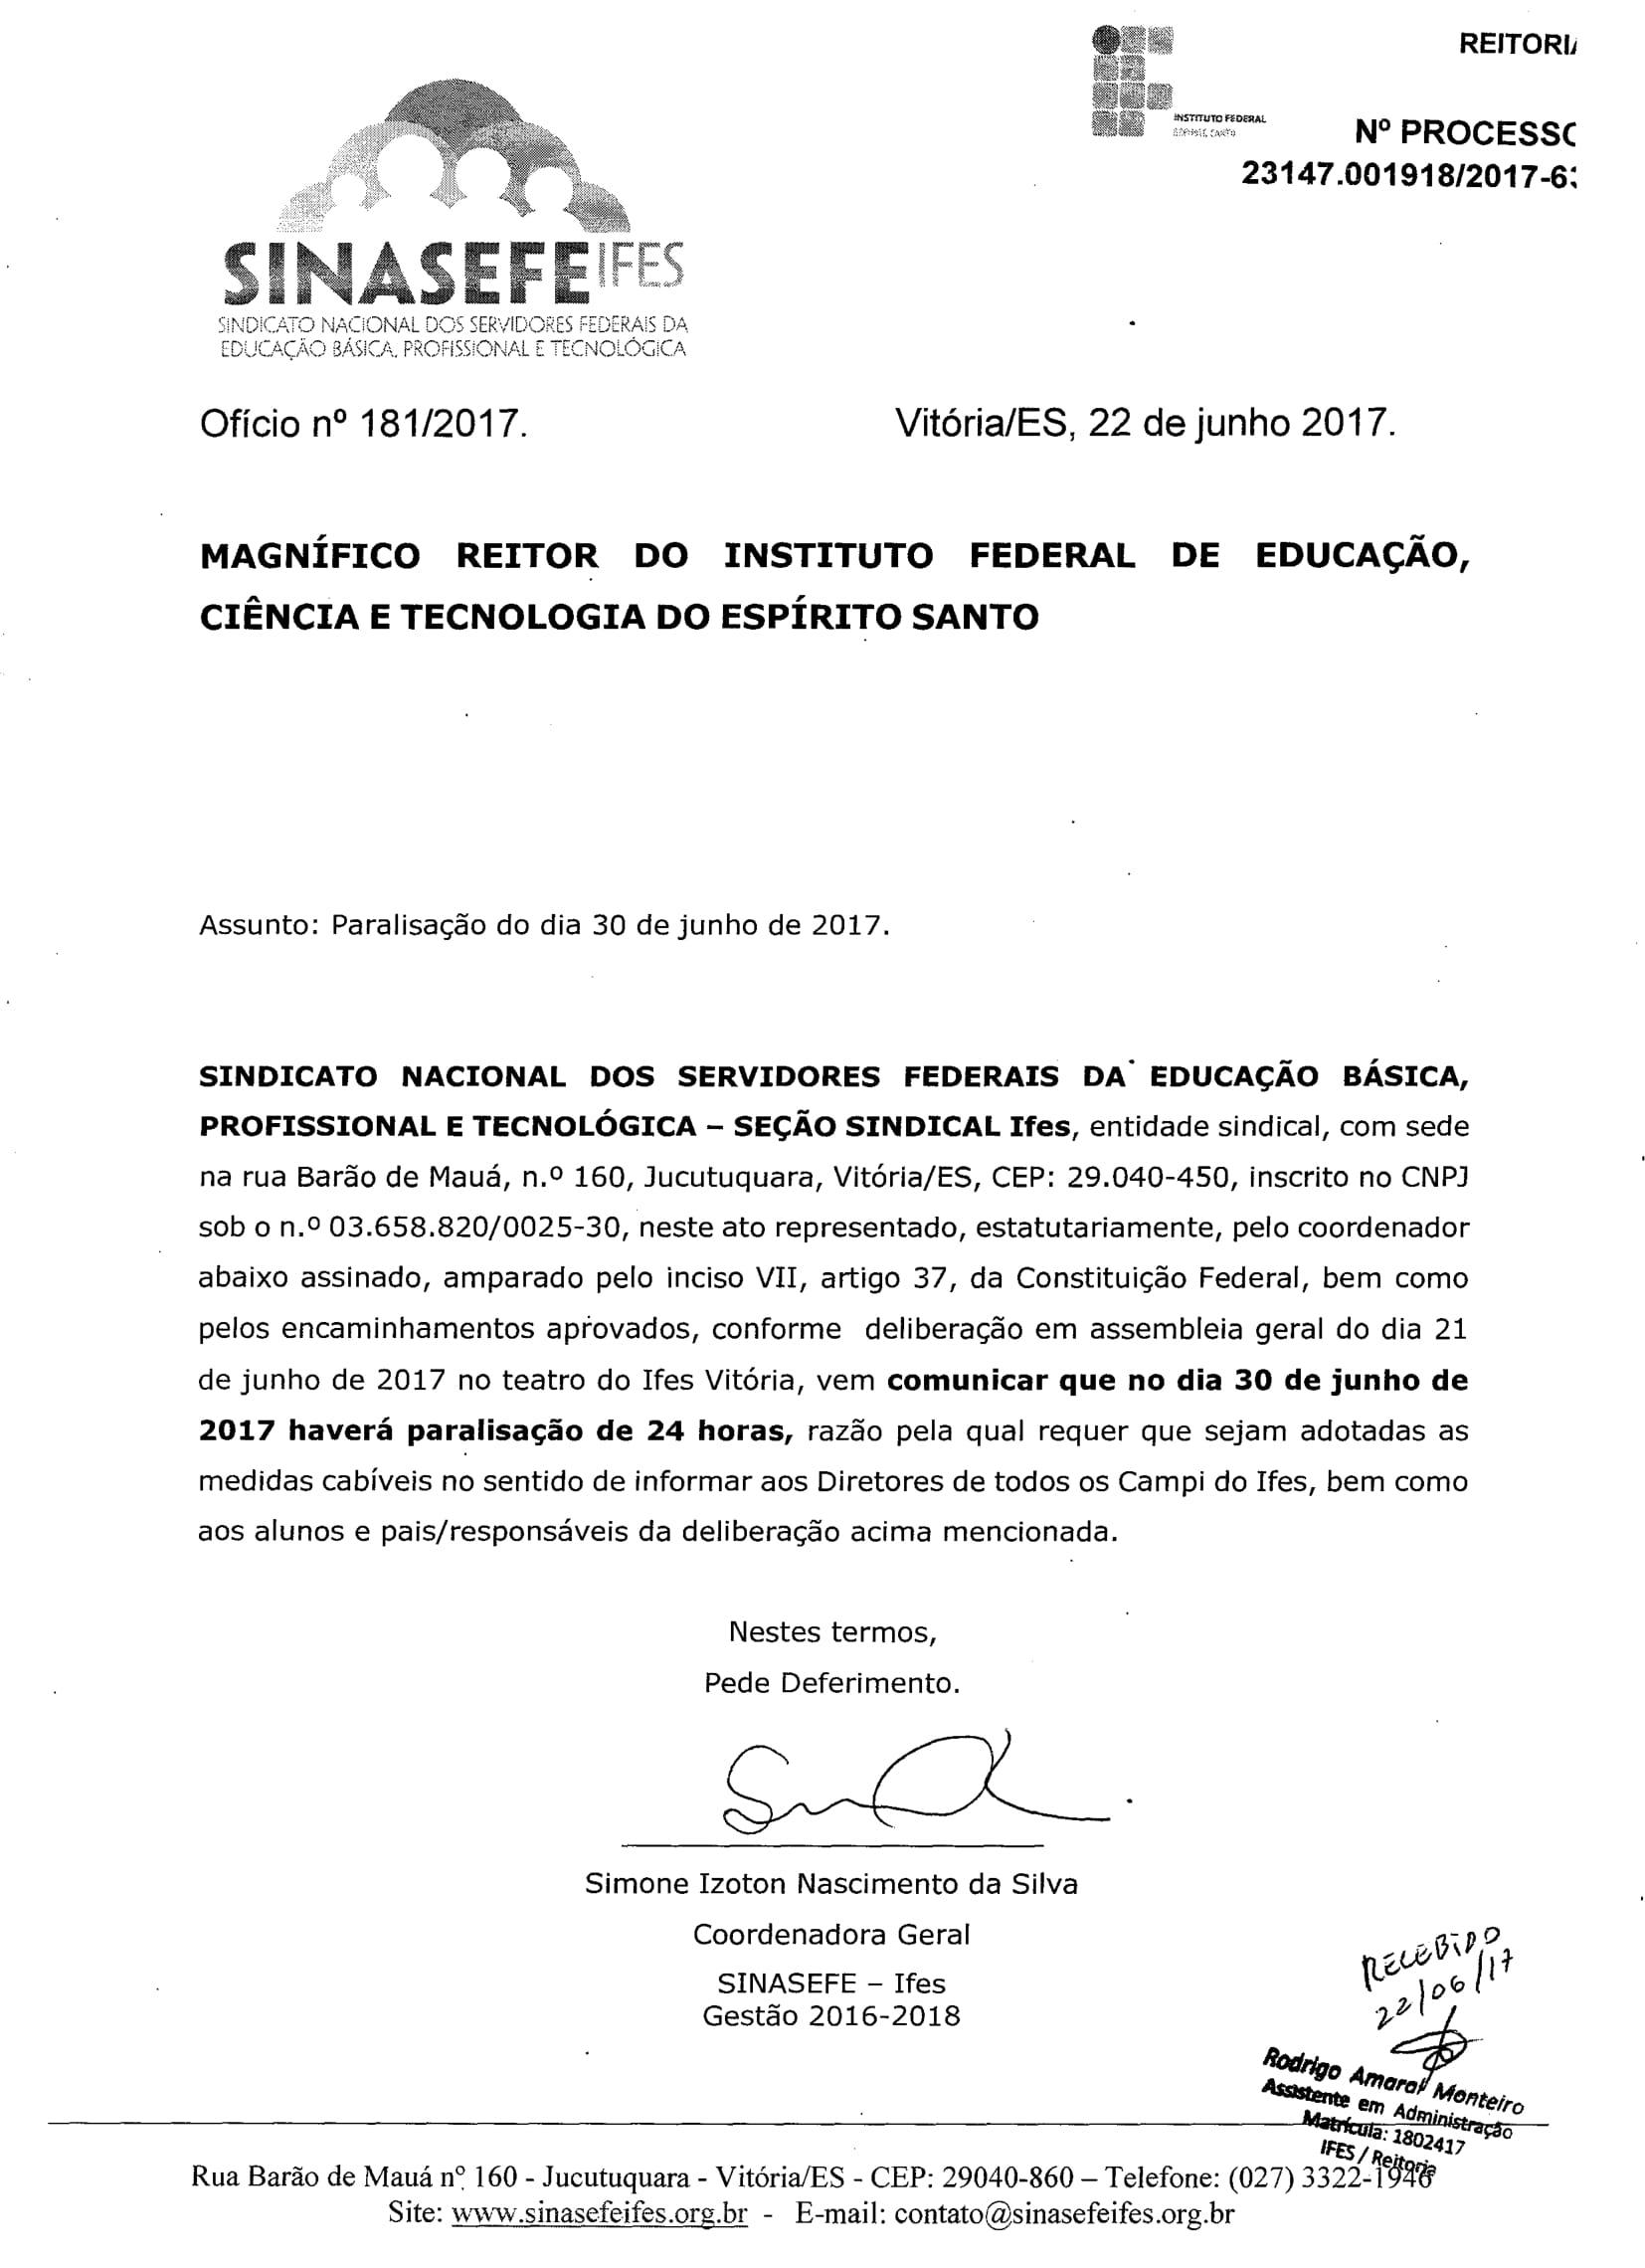 Ofício de greve protocolado Ifes-1